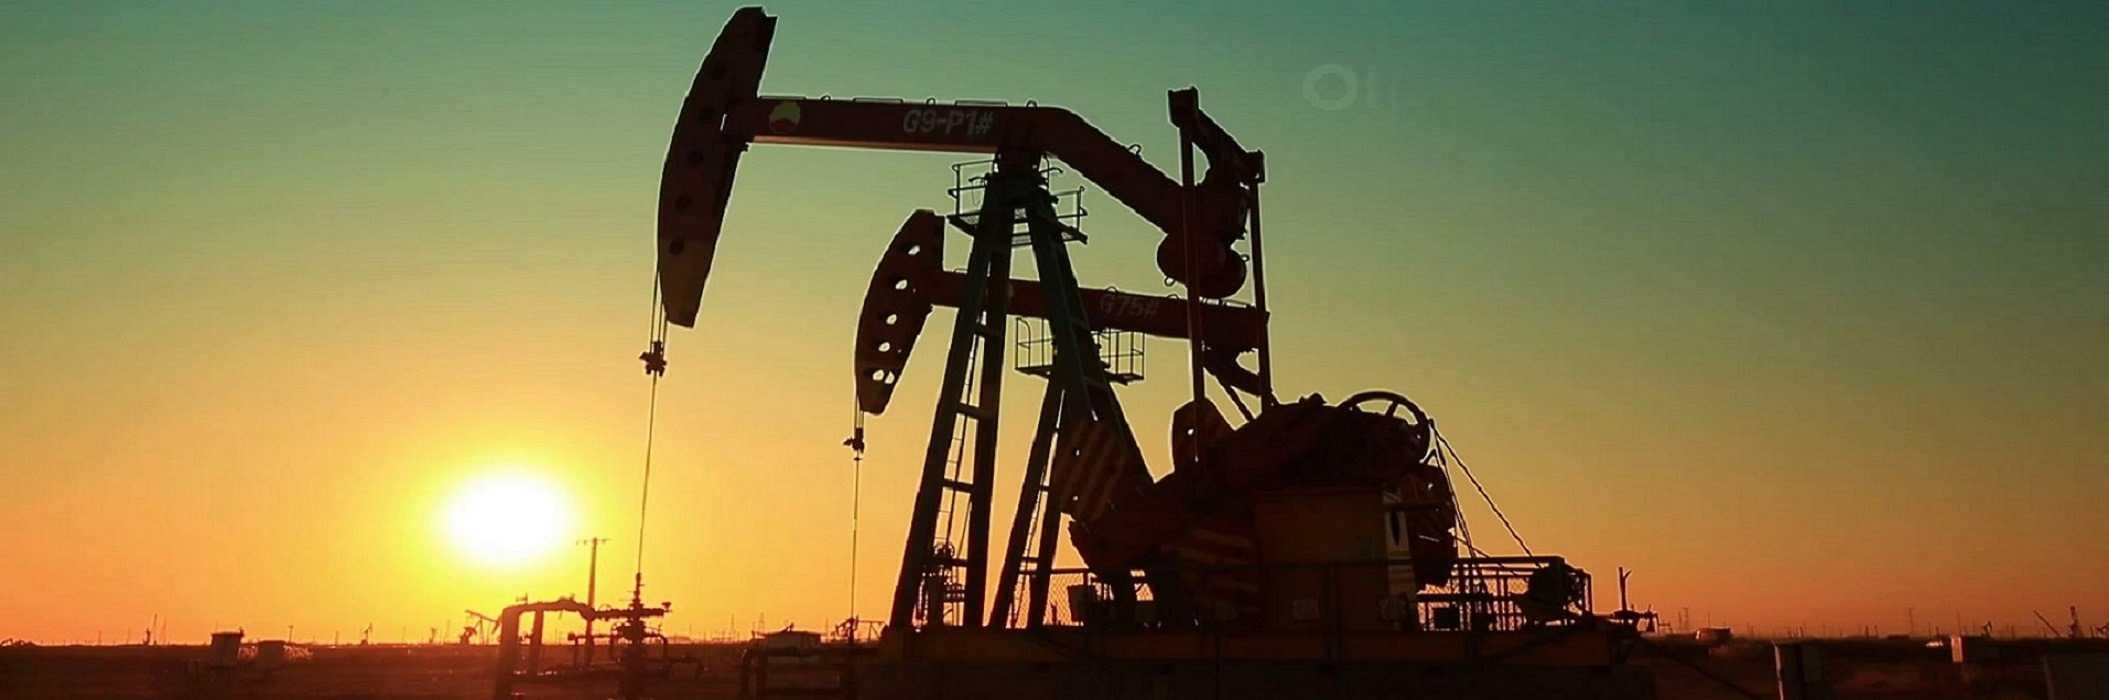 Energy - Oil & Gas